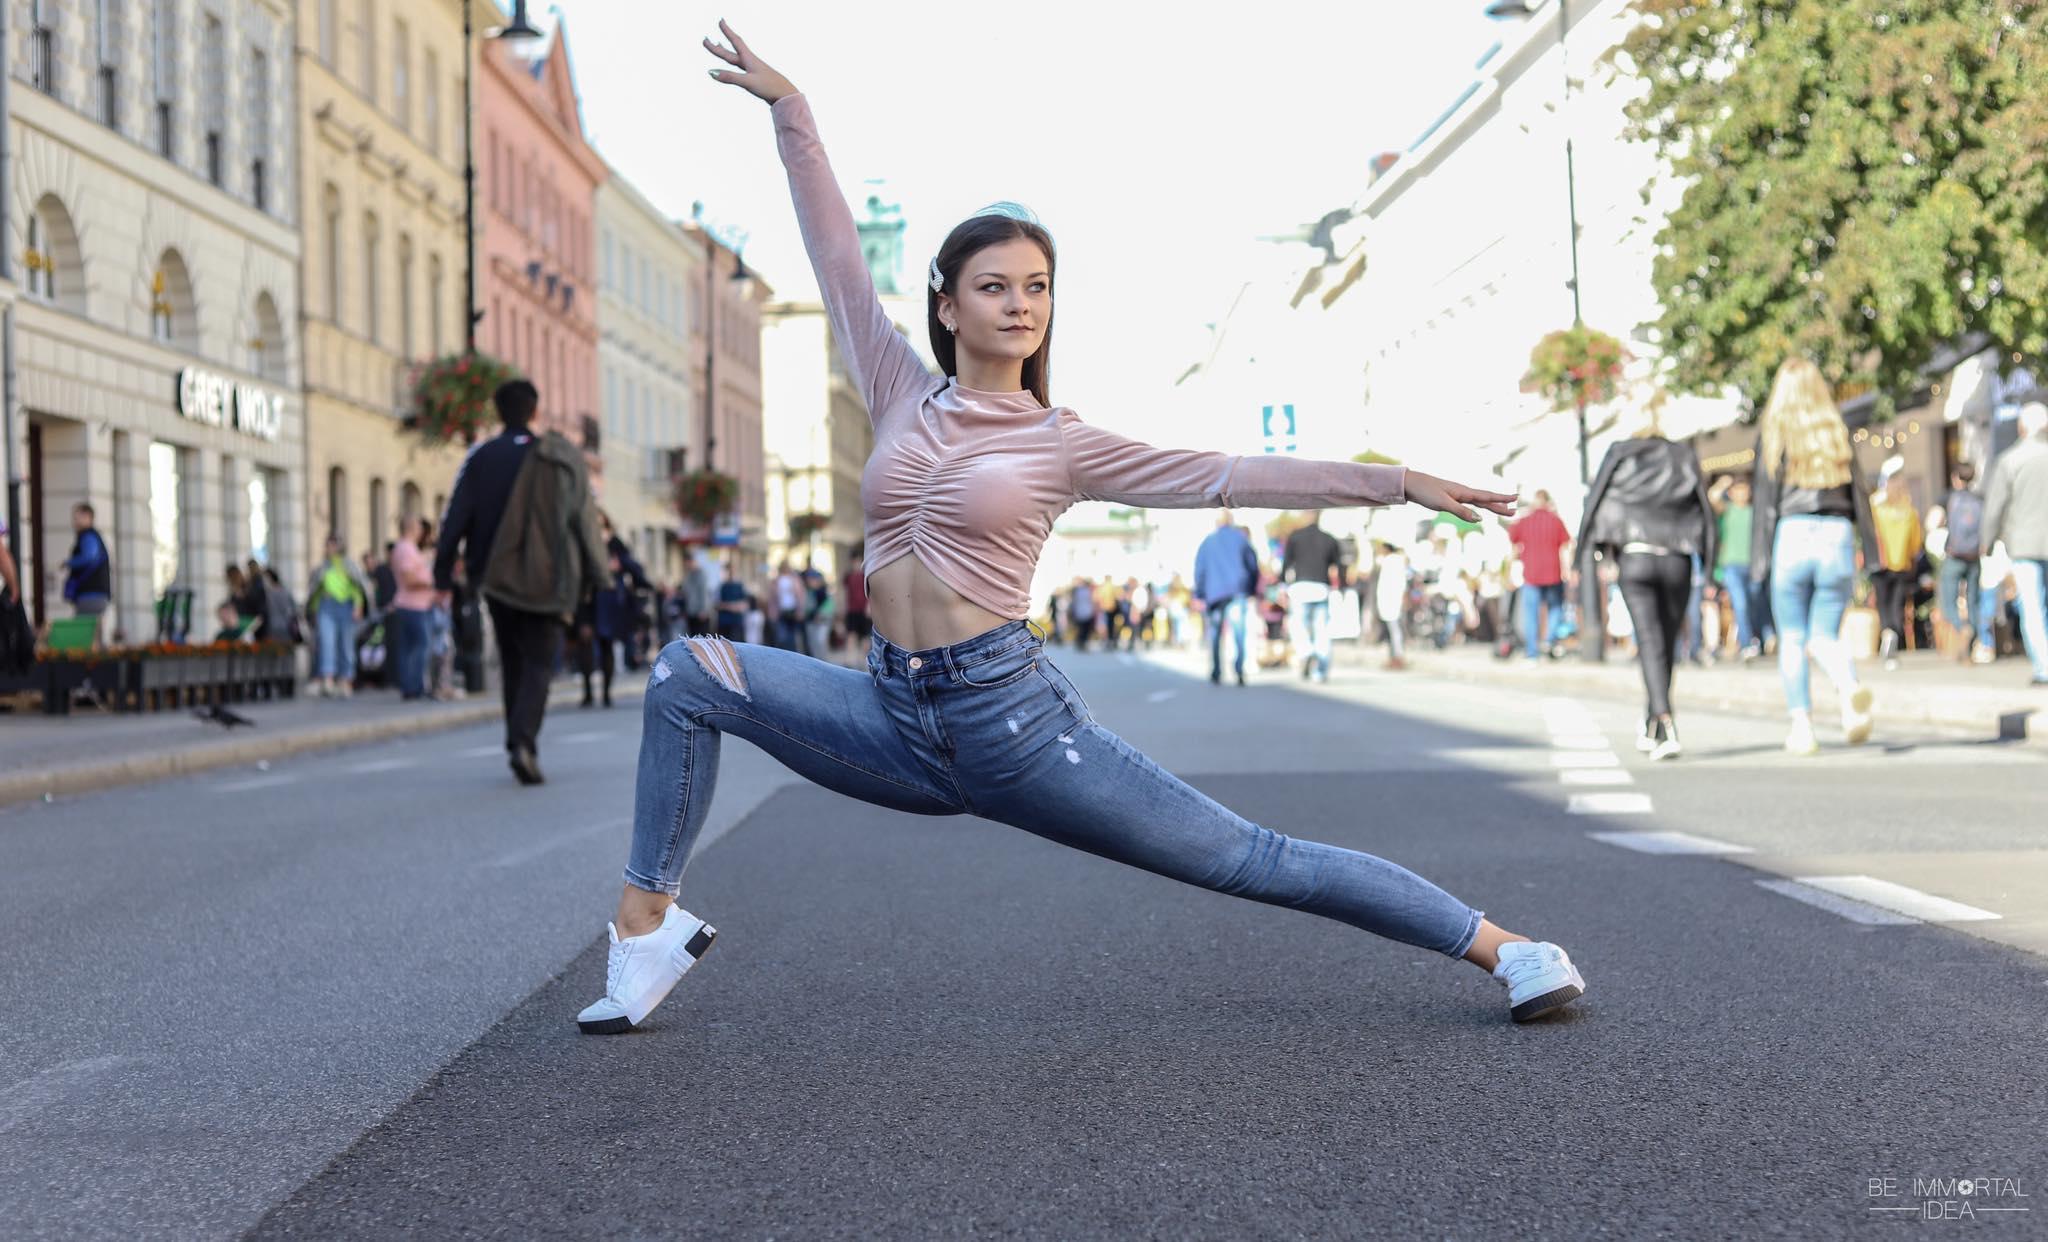 Młoda, utalentowana, pełna pasji. Nagroda dla tancerki z Płocka - Zdjęcie główne